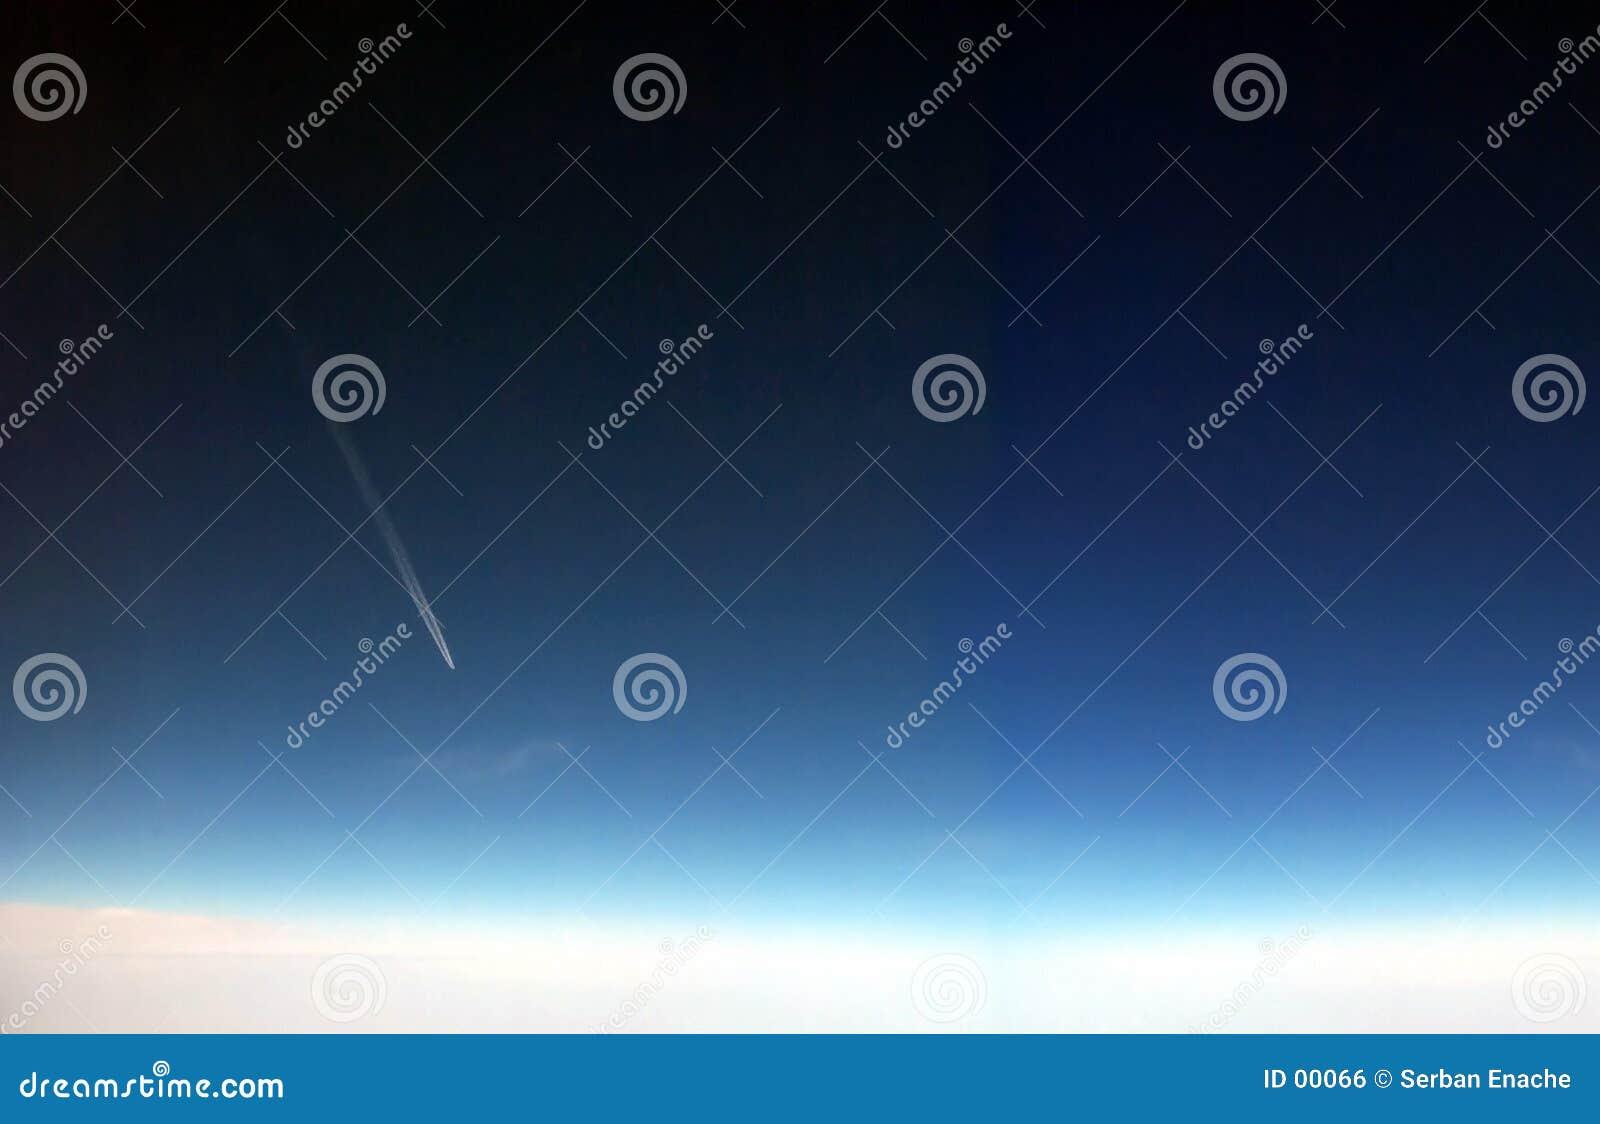 Samolotowego latająca alttitude wysokość